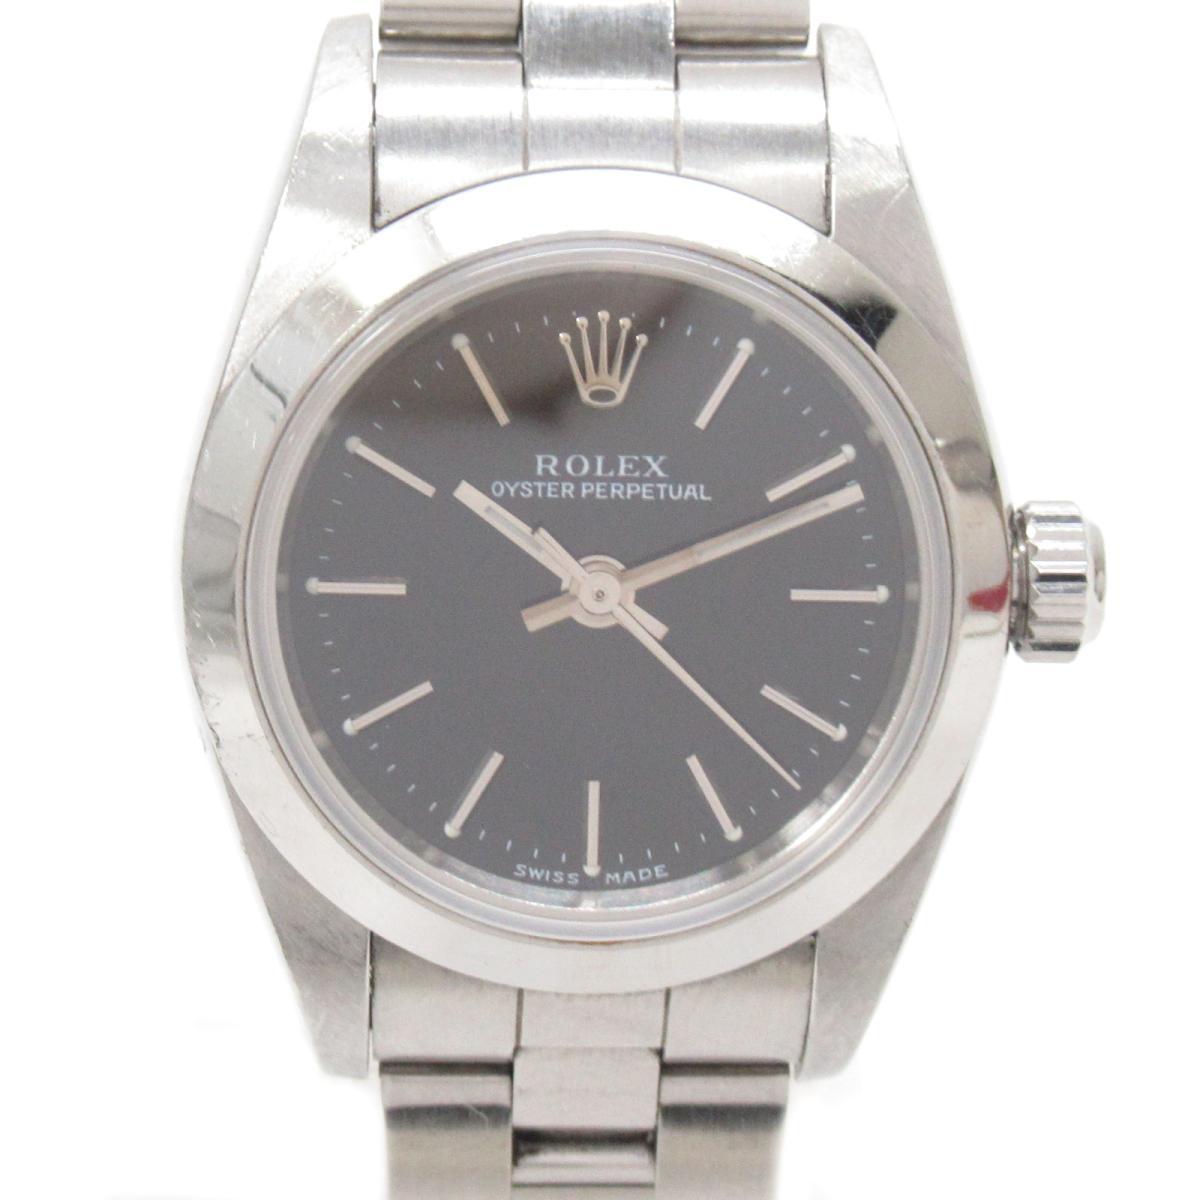 【中古】ロレックス オイスター パーペチュアル 腕時計 ウォッチ レディース ステンレススチール (SS) (76080) | ROLEX BRANDOFF ブランドオフ ブランド ブランド時計 ブランド腕時計 時計